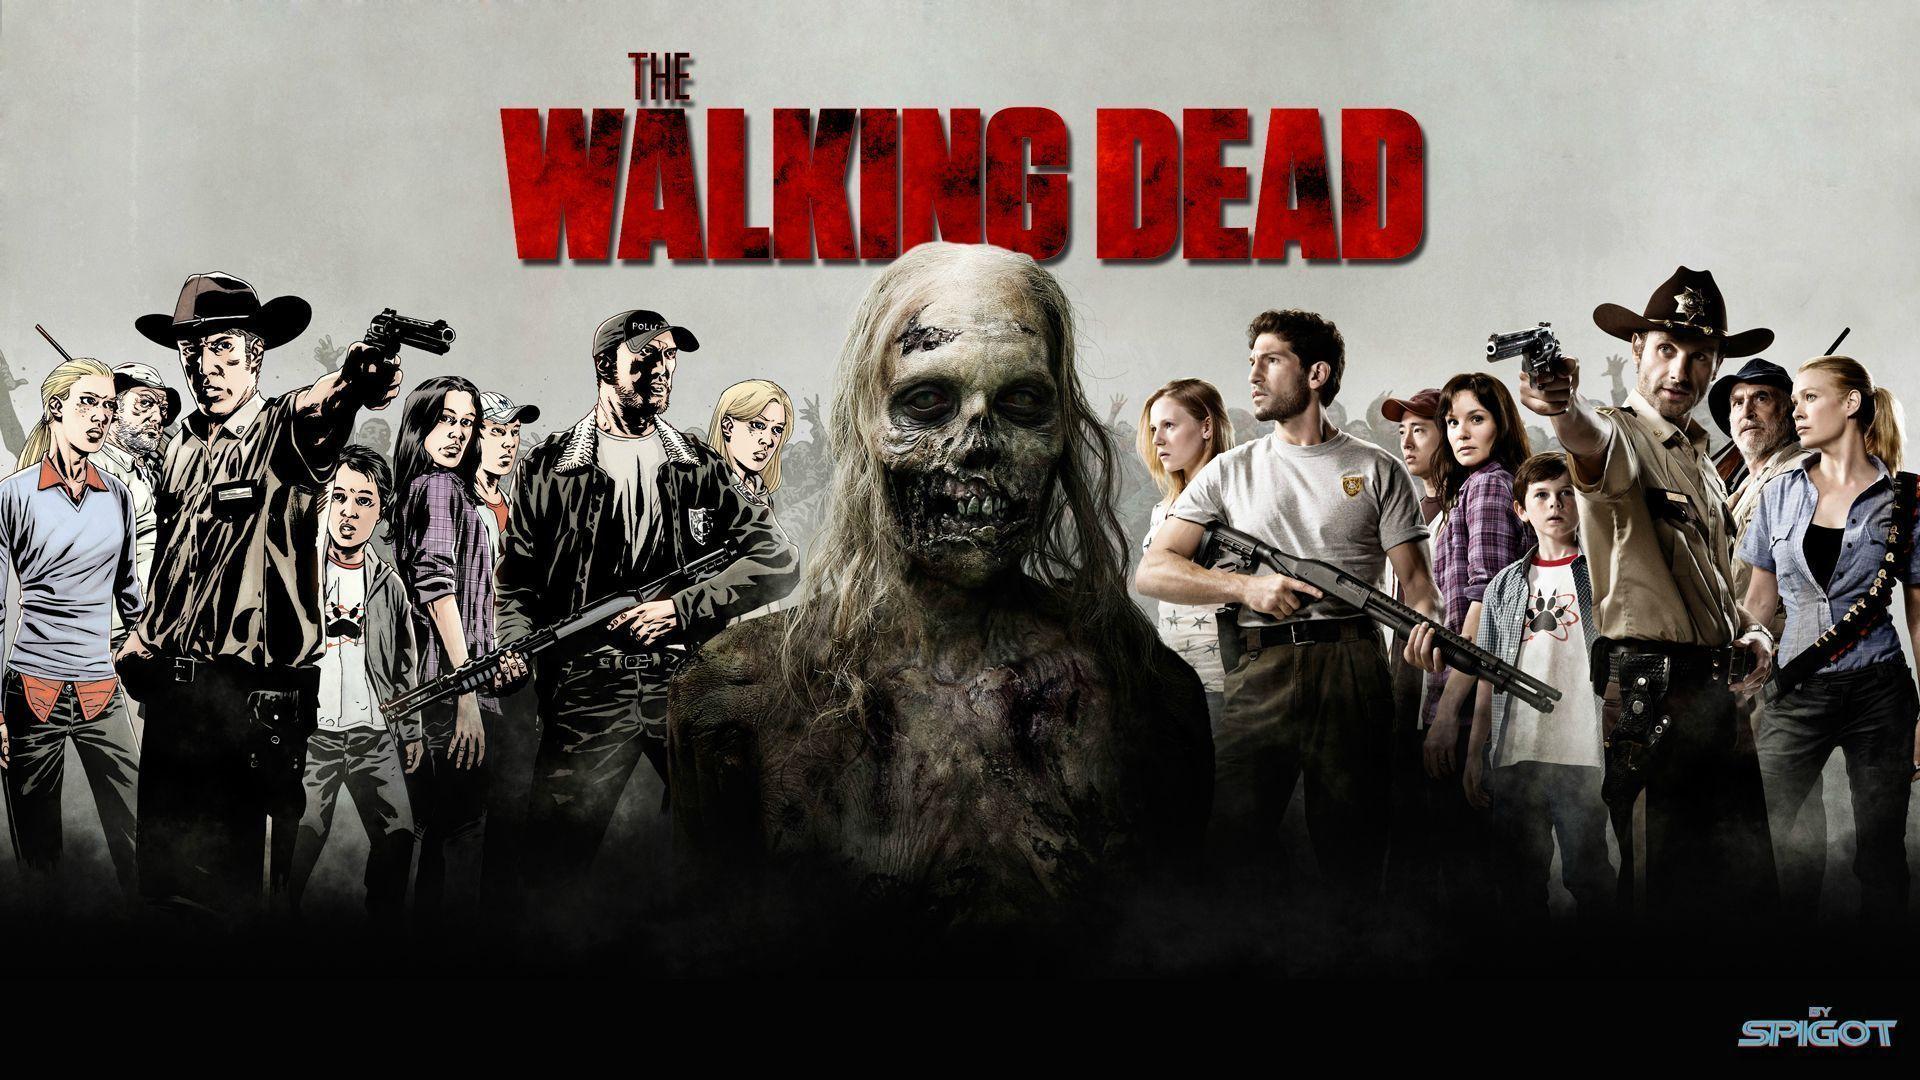 Full HD P The Walking Dead Wallpapers Desktop Backgrounds 1920x1080 51